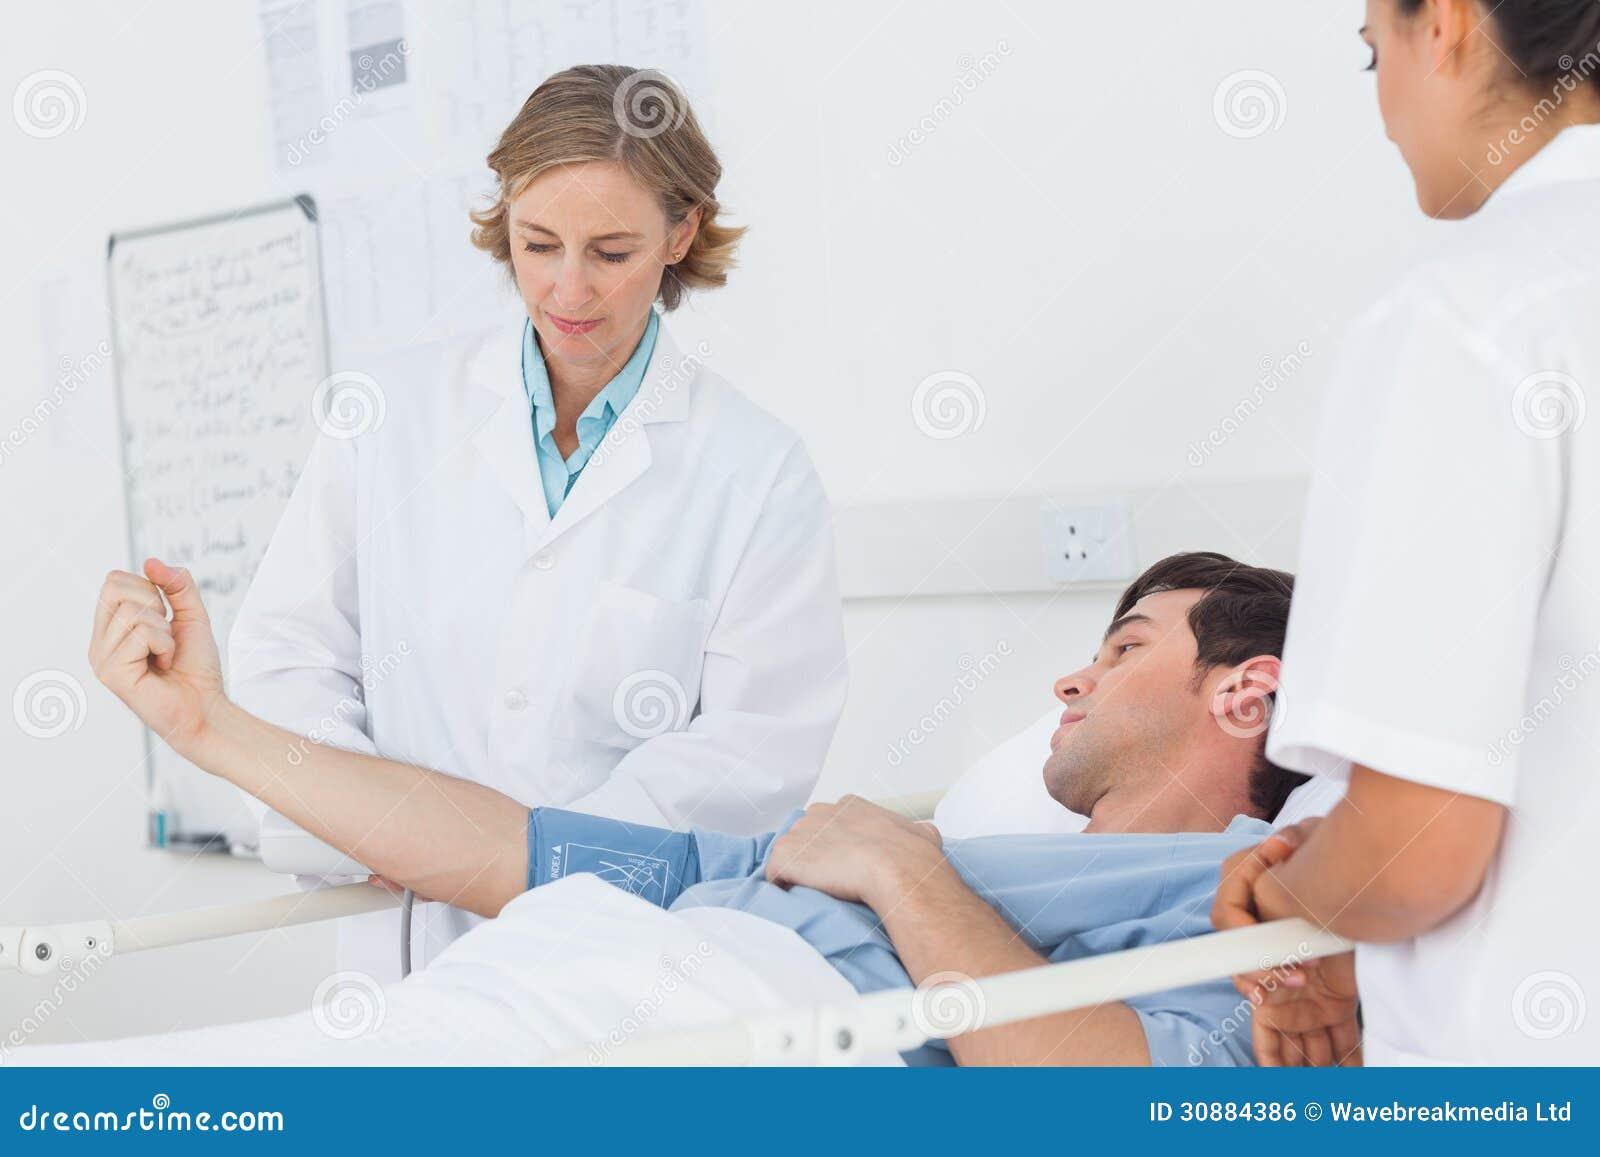 测量一名男性患者的血压的医生